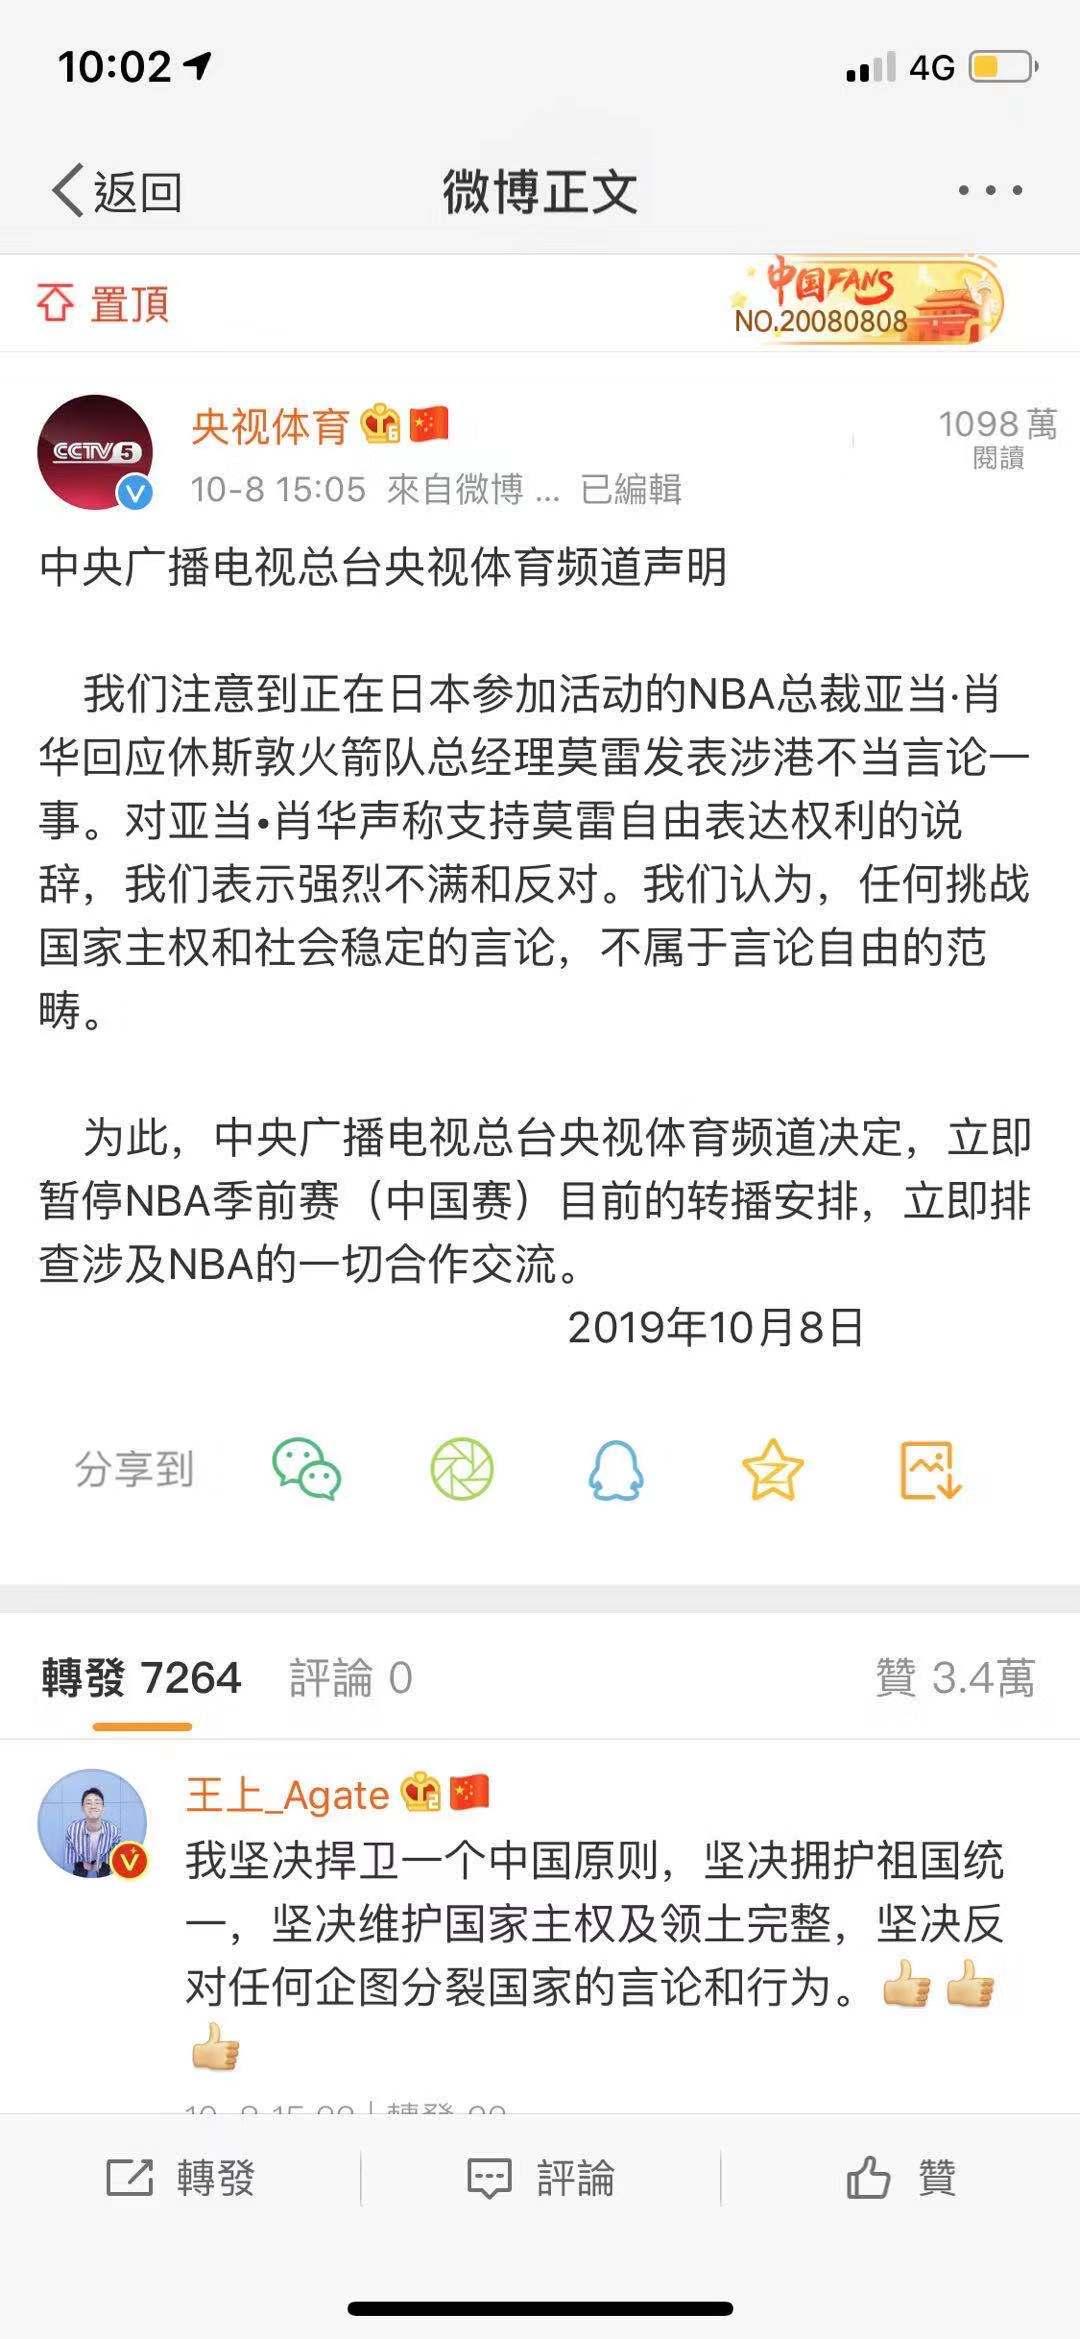 央视腾讯停播 NBA中国的生意有多大?